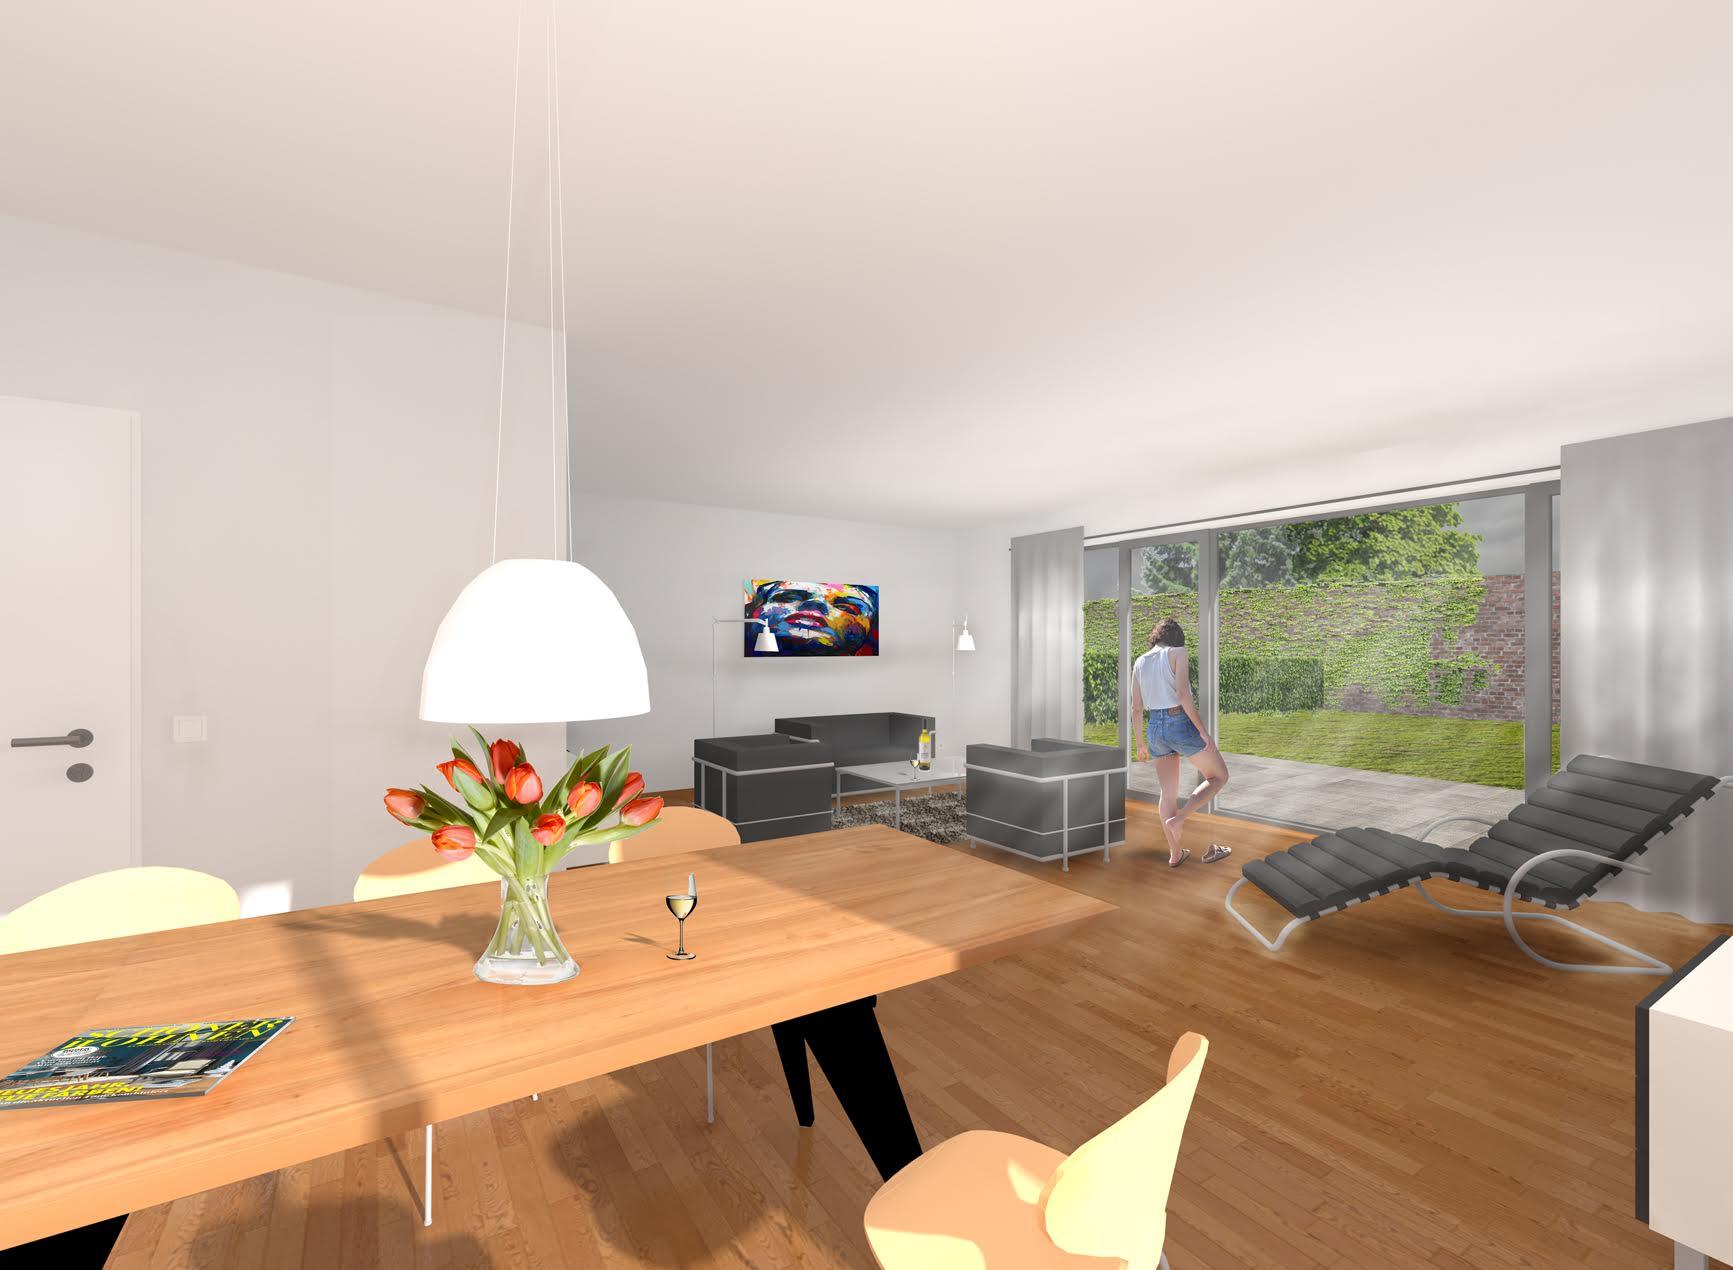 krefeld bockum neubauprojekt ihr neues zuhause in bester ruhiger wohnlage von krefeld. Black Bedroom Furniture Sets. Home Design Ideas